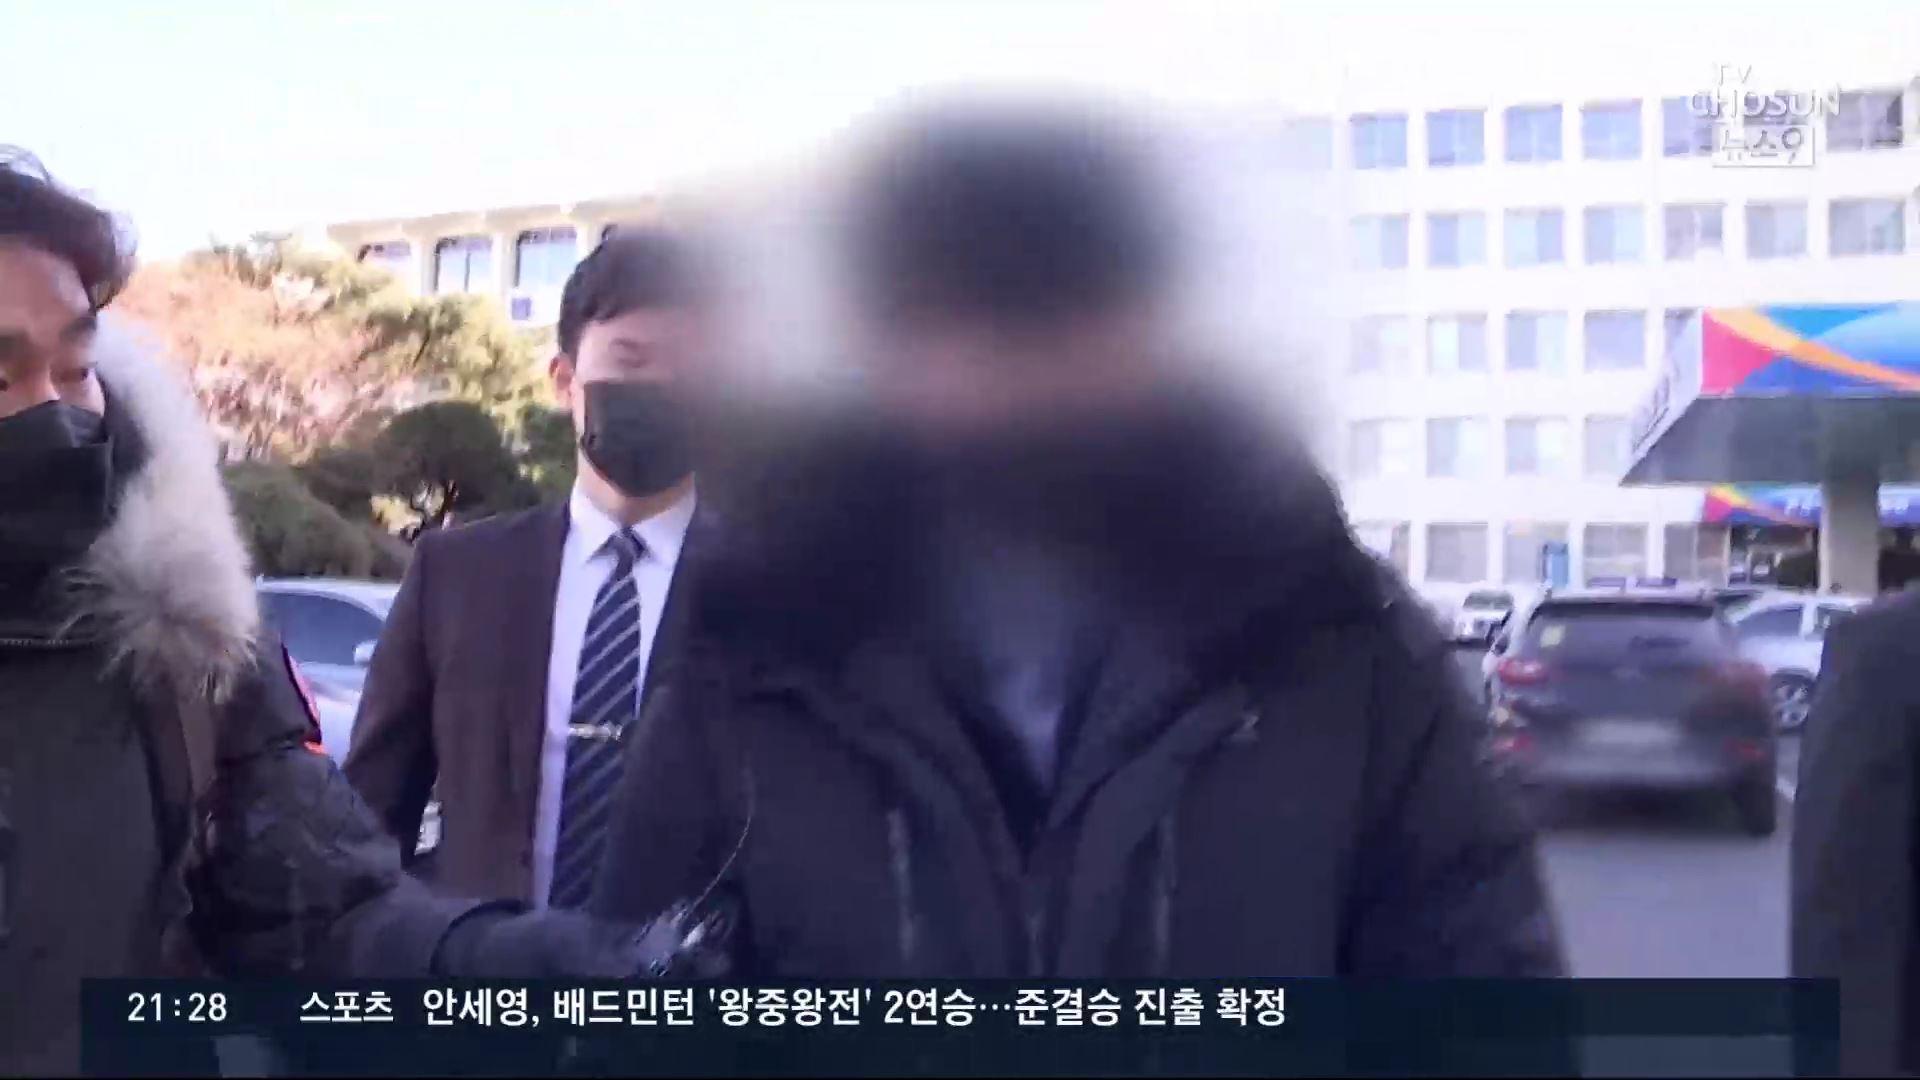 故 최숙현 선수 가혹행위 감독 징역 7년…고참 선수 4년